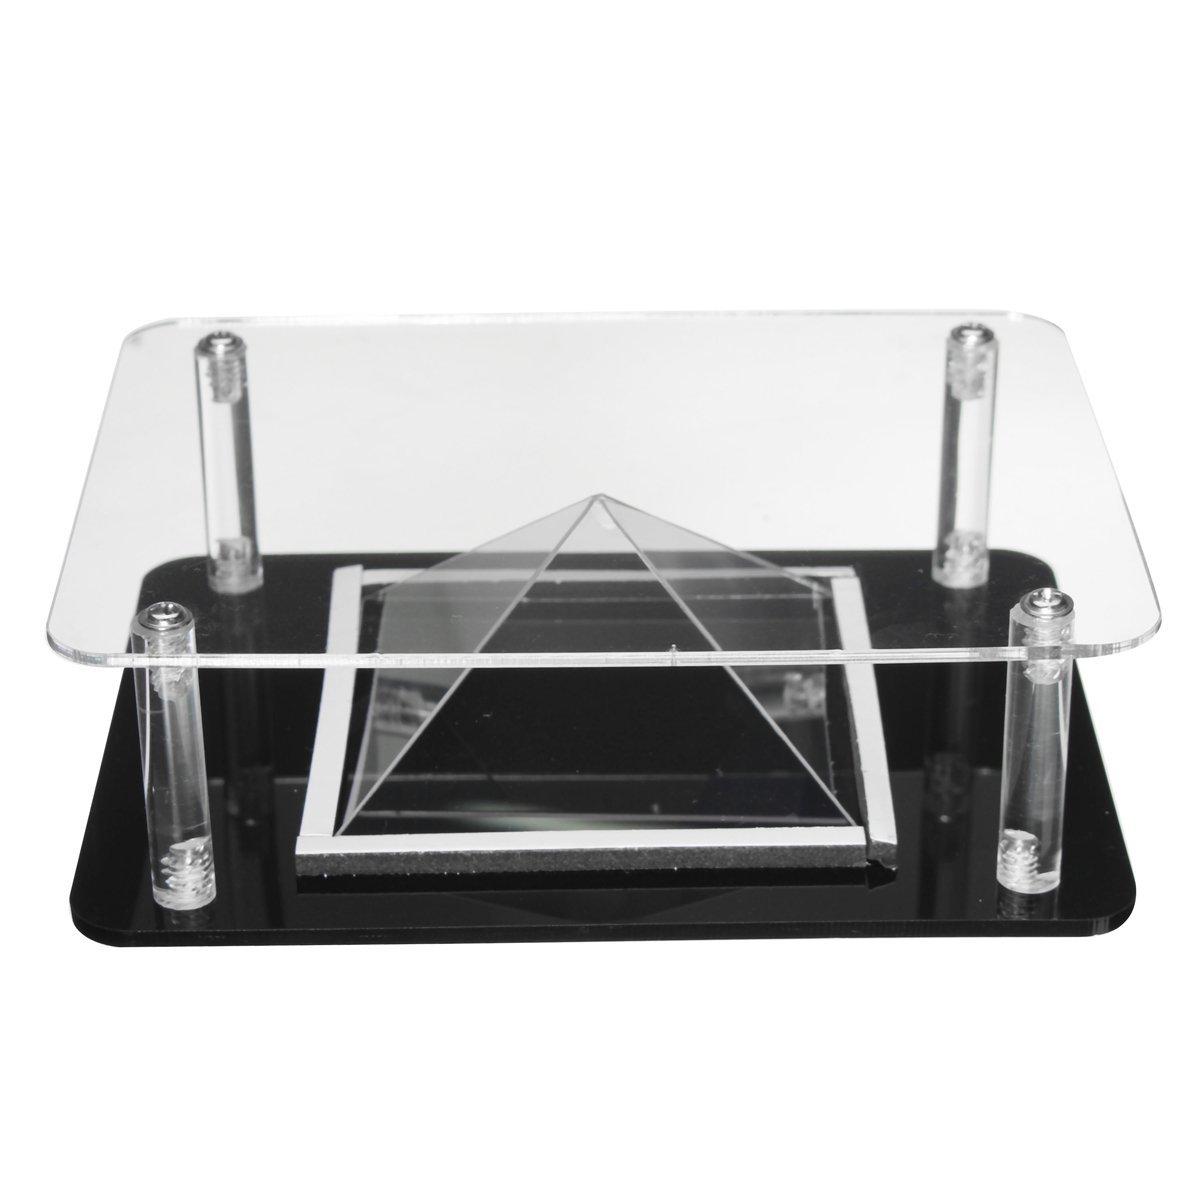 ELEGIANT Holograma de Faro DIY Holographic Cabint Projector de ...